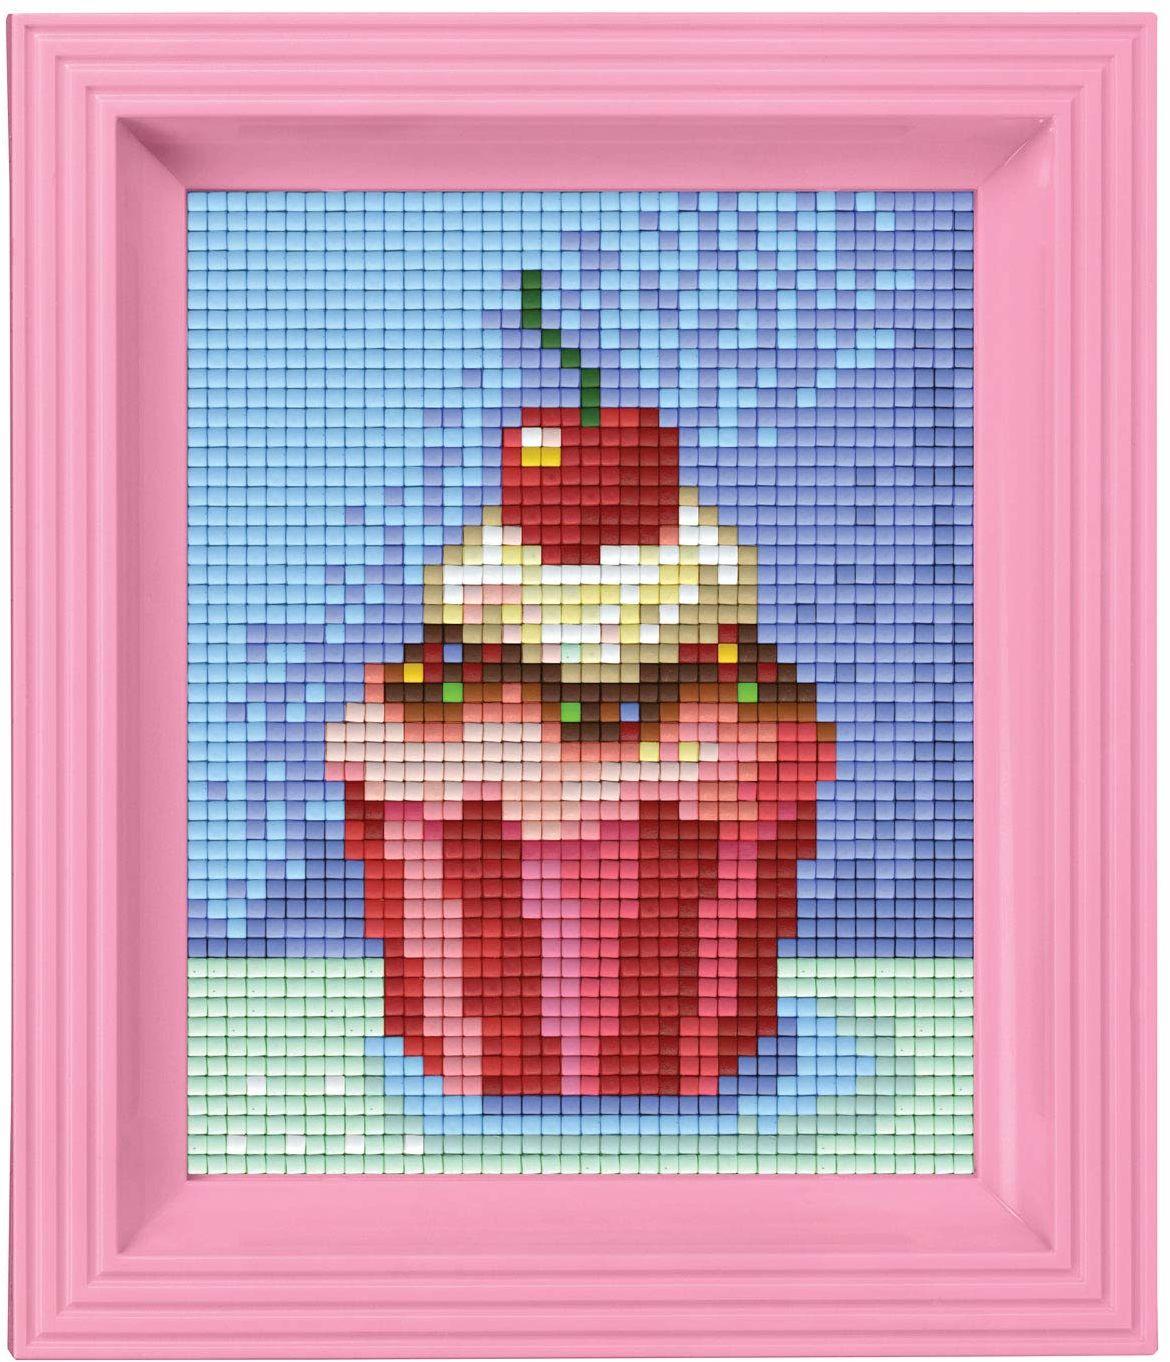 Pixel P31228 mozaika opakowanie na prezent babeczki, obraz pikselowy z ramką do tworzenia dla dzieci i dorosłych